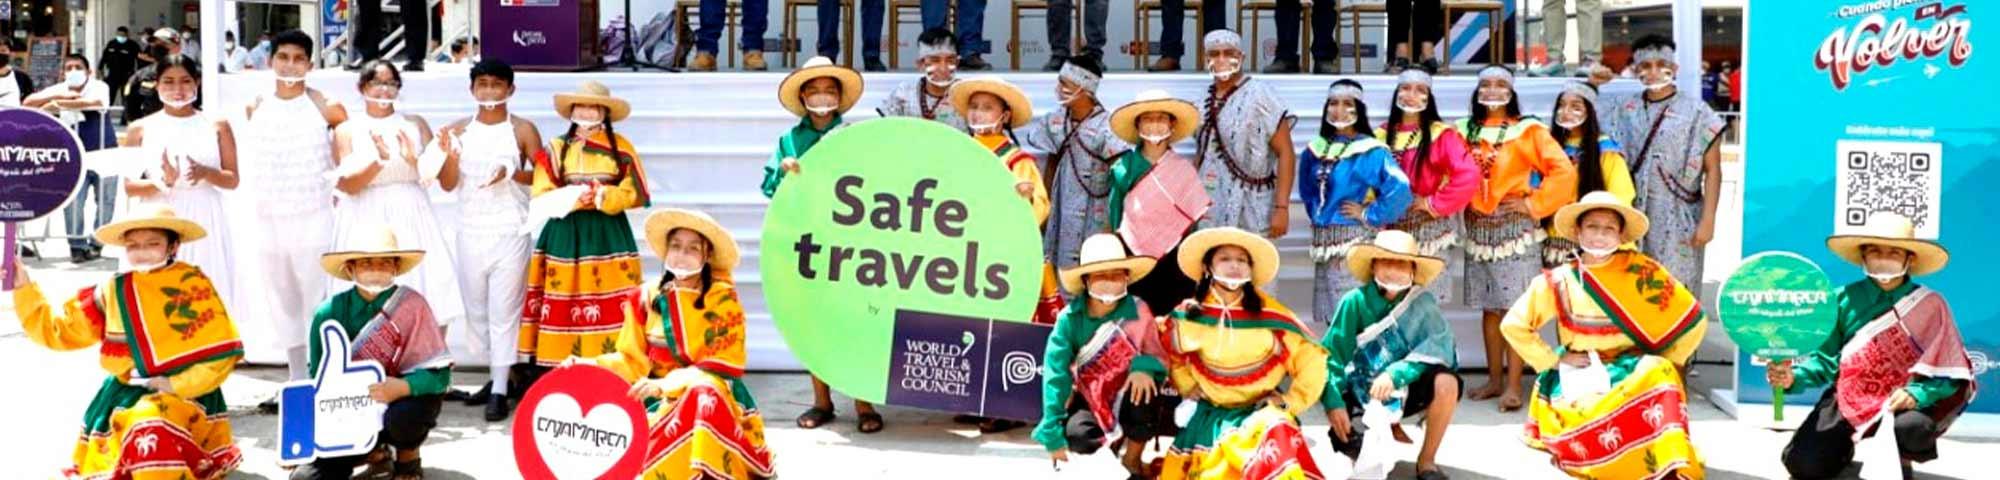 Día Mundial del Turismo: Turismo interno se incentivará con ofertas y nueva campaña promocional